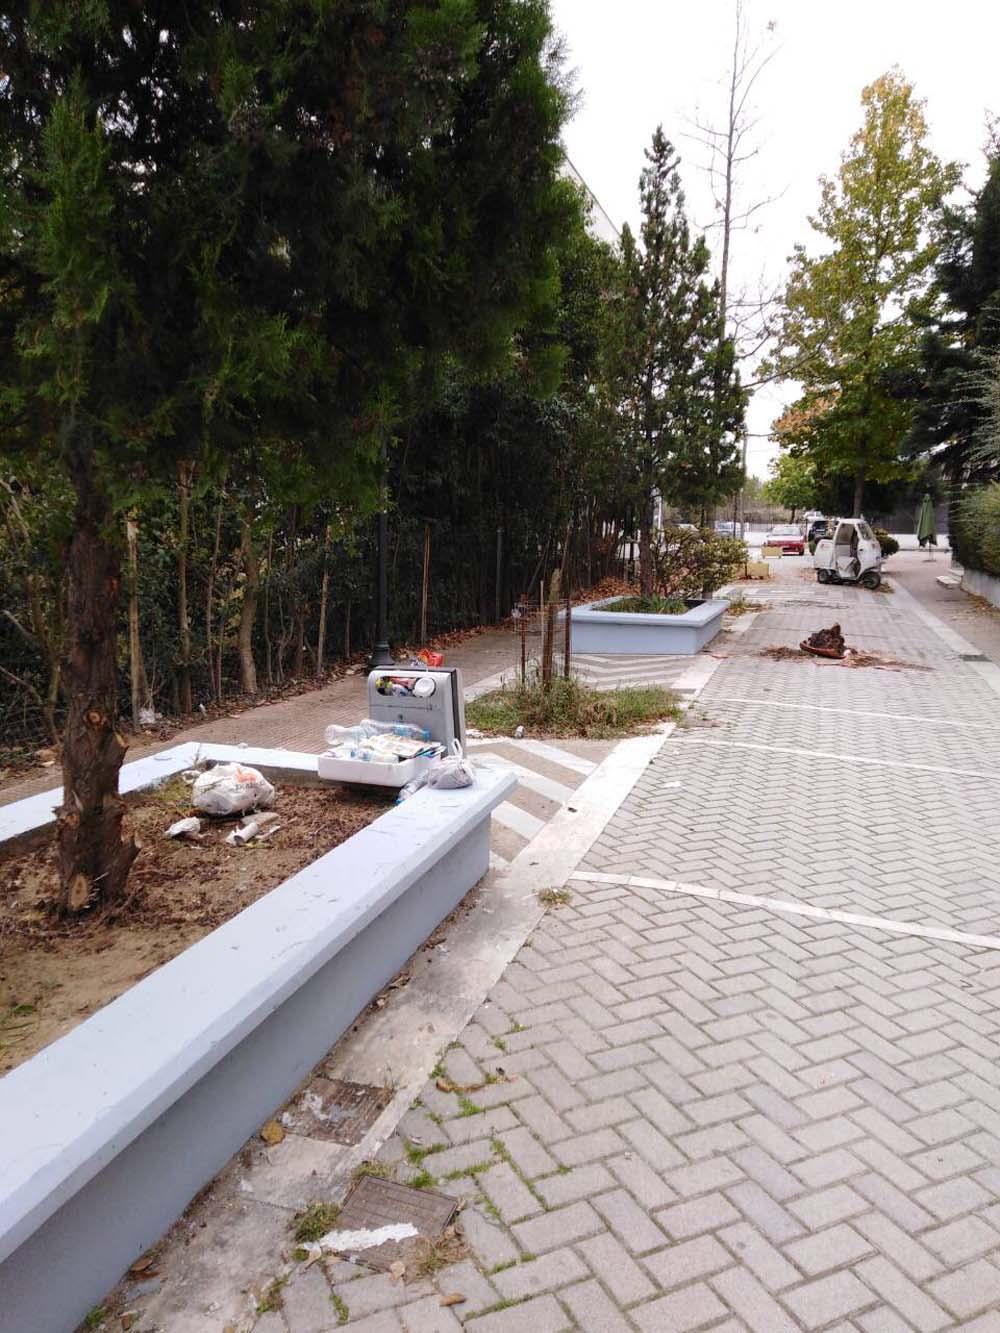 """""""Ξέφραγο αμπέλι"""" η Νέα Πολιτεία - Υπαίθρια χωματερή και πάρκινγκ οι πεζόδρομοι (φωτό)"""